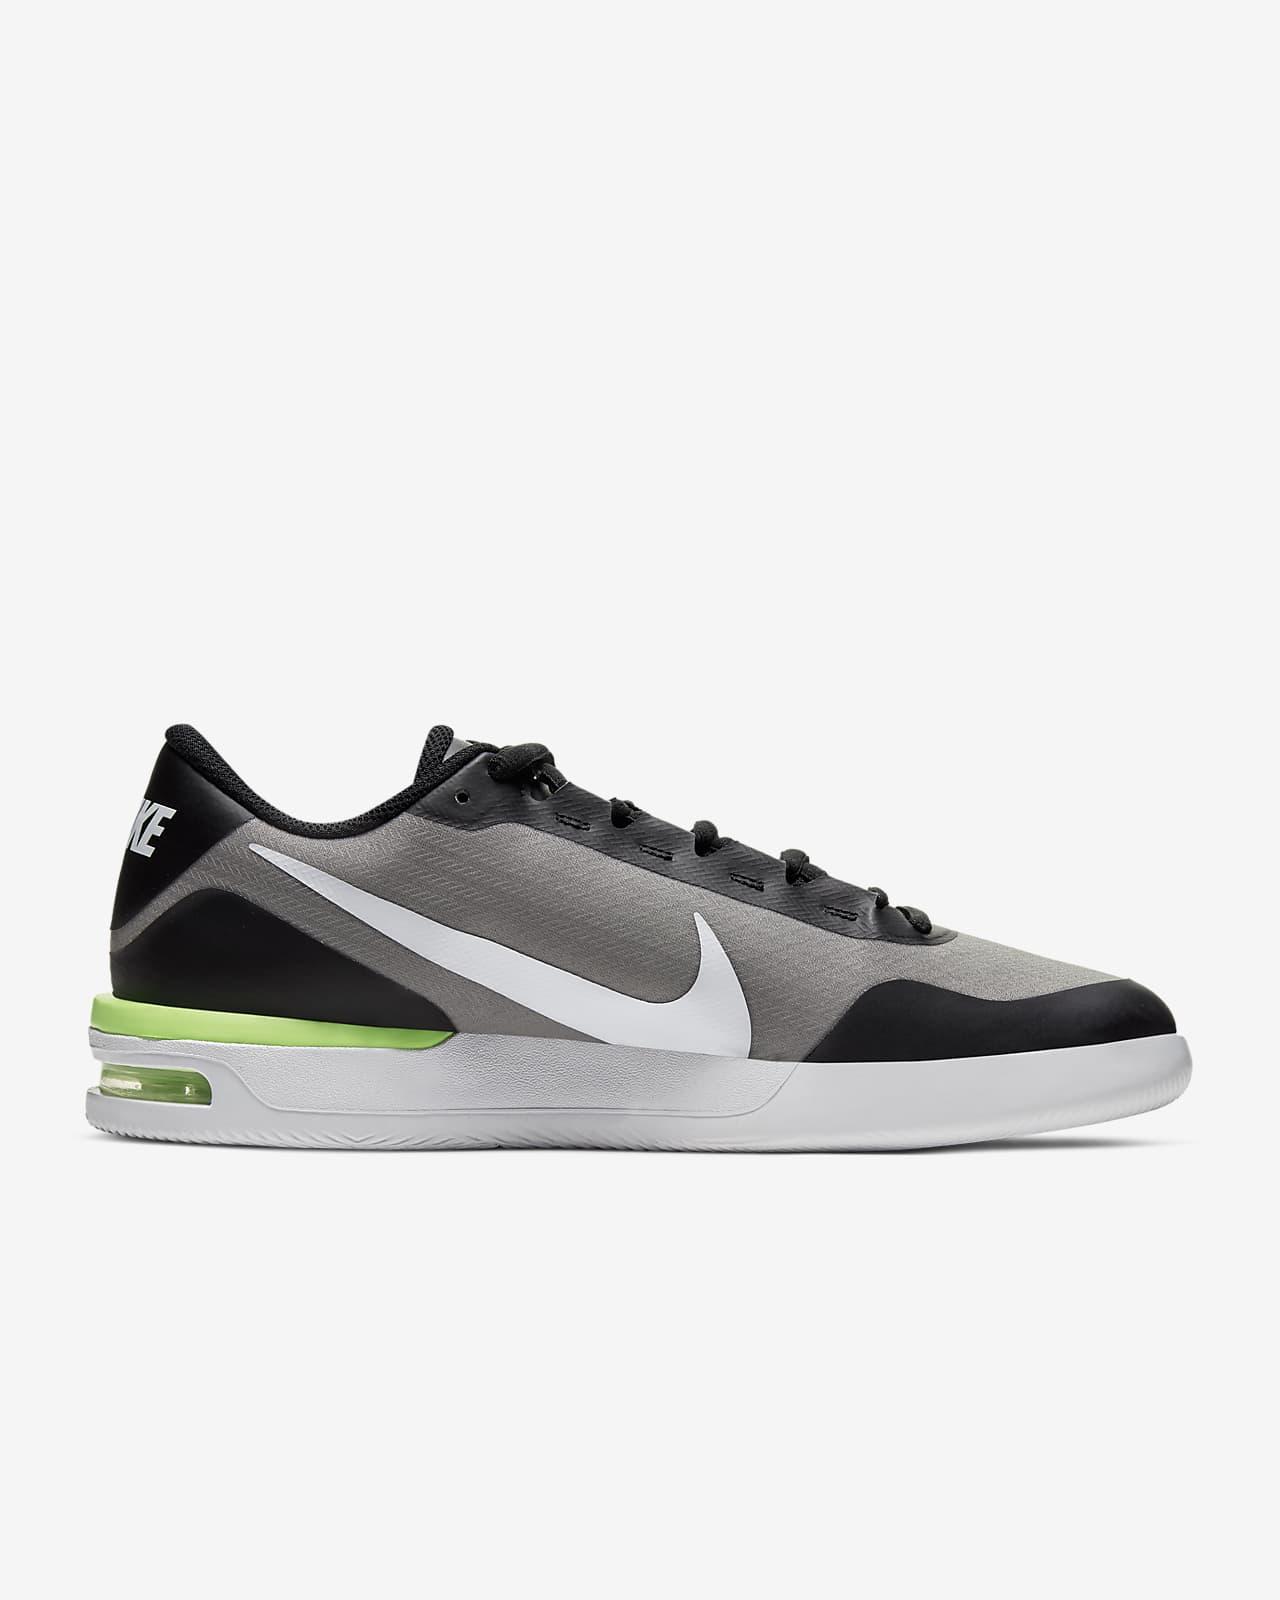 NIKE NikeCourt Air Max Vapor Wing MS